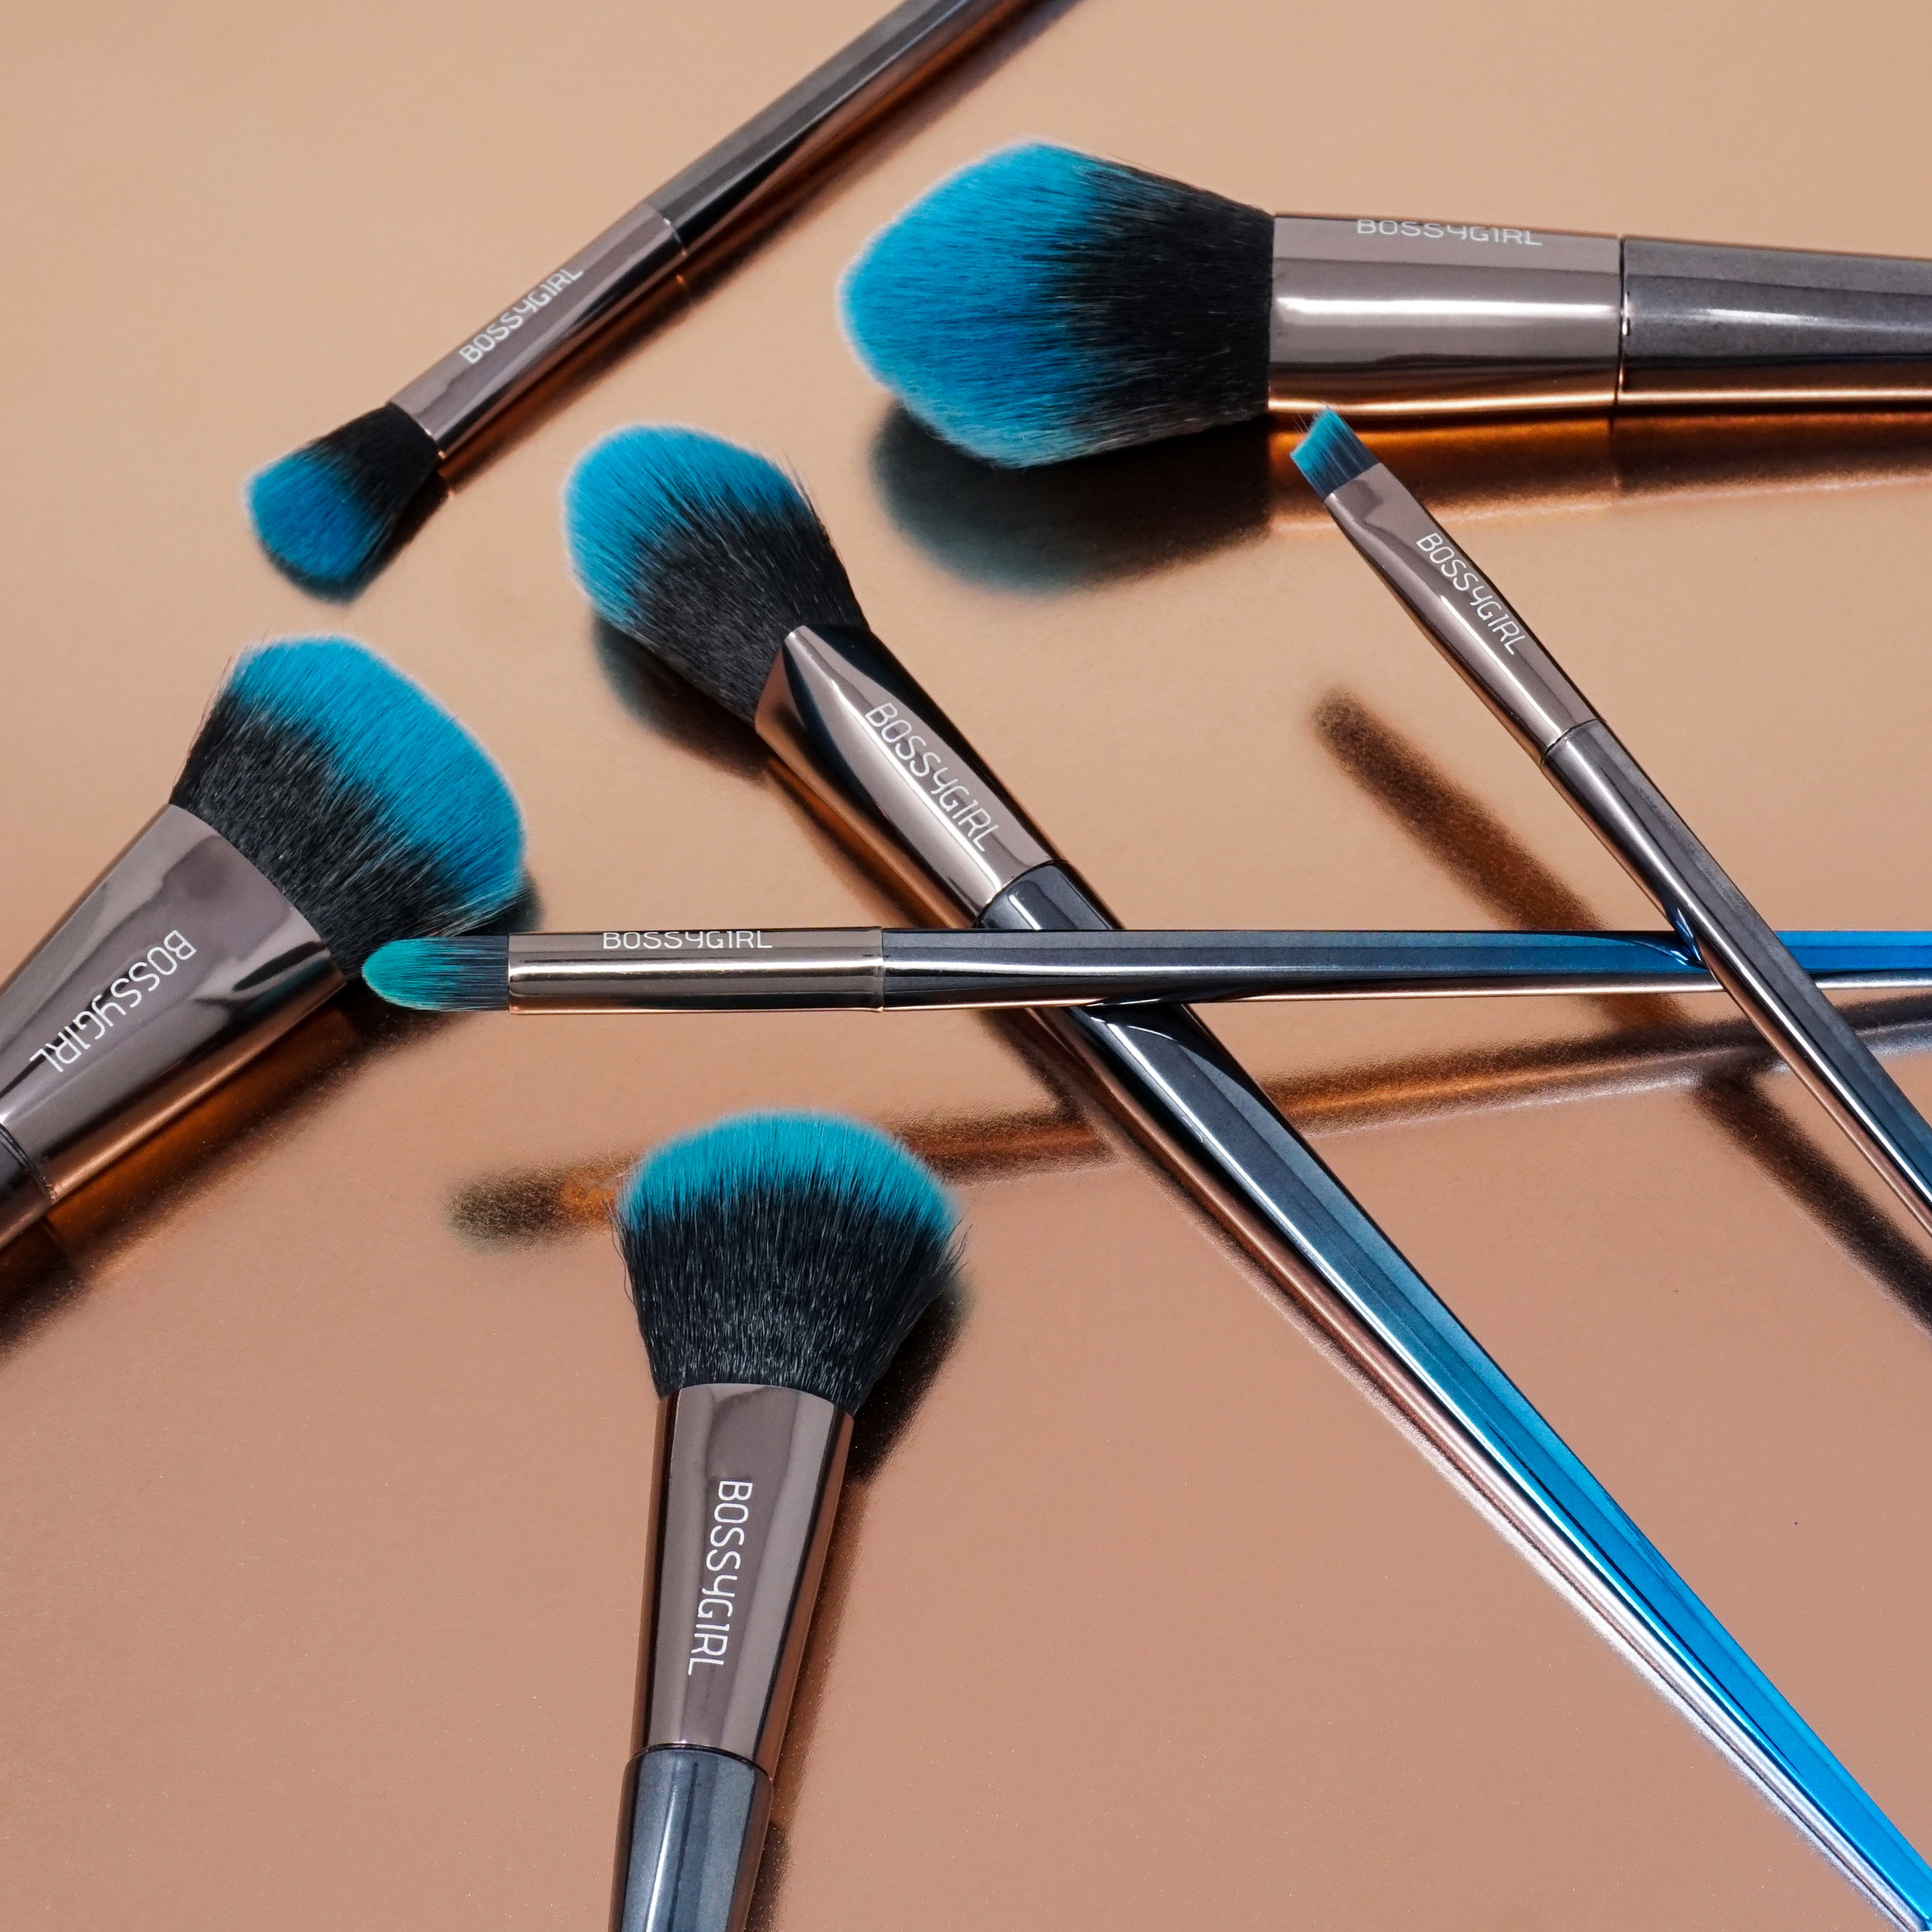 Brush Set02.jpg